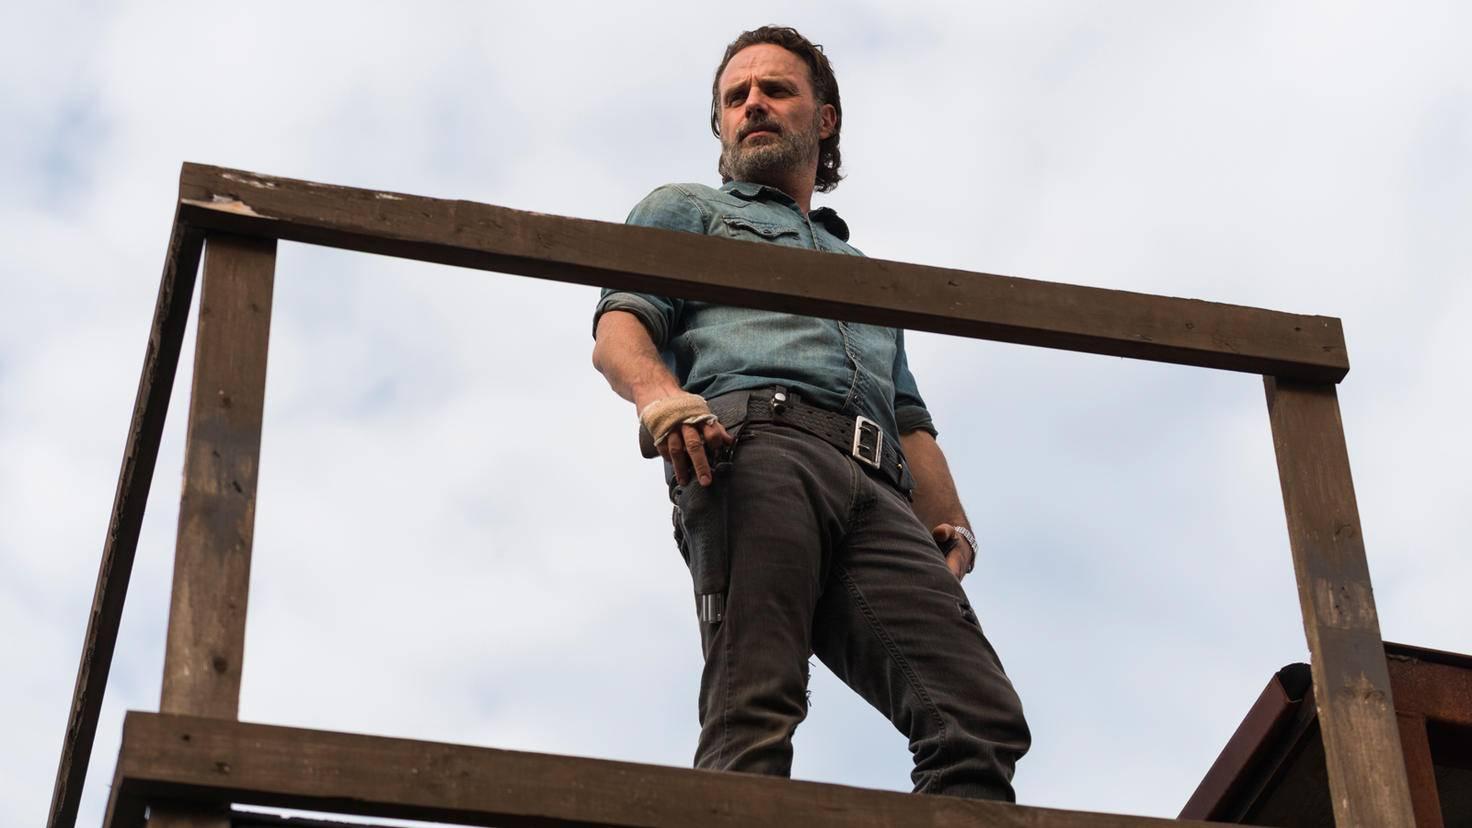 The Walking Dead_Gene Page_AMC_TWD_716_GP_1108_0149-RT